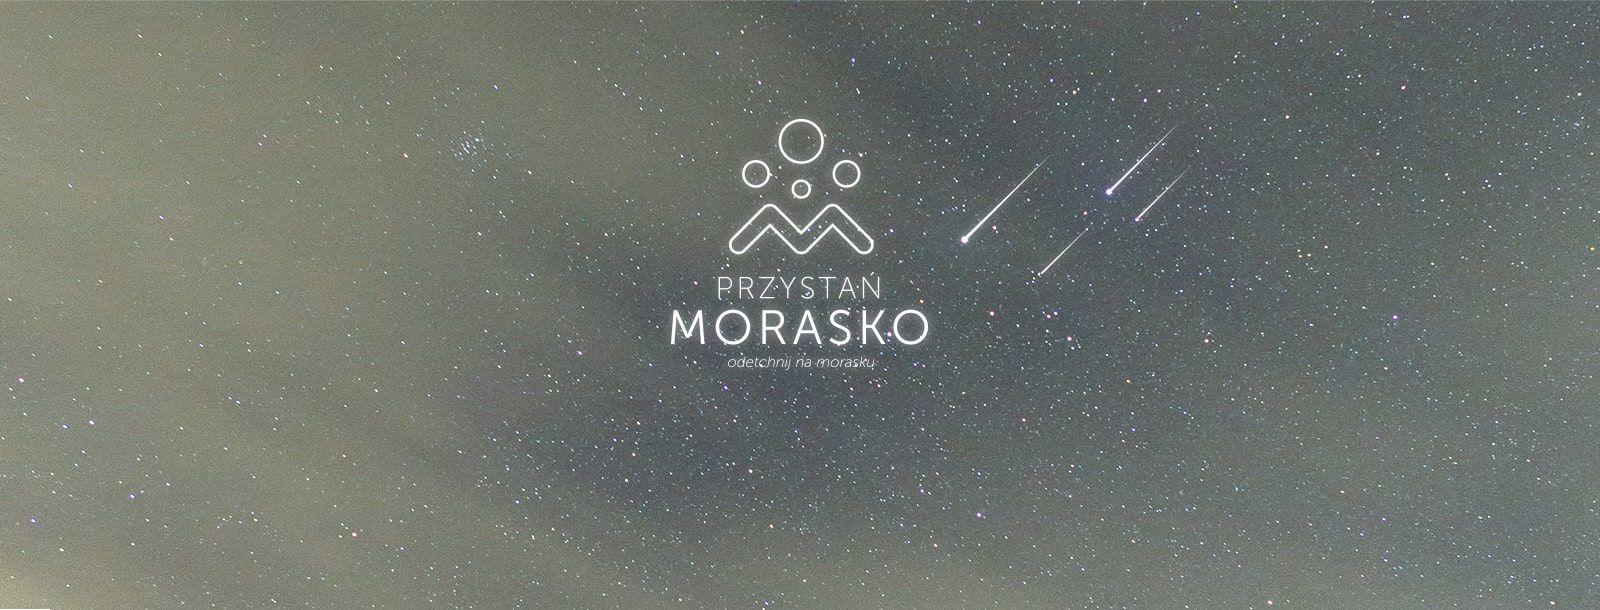 morasko-header